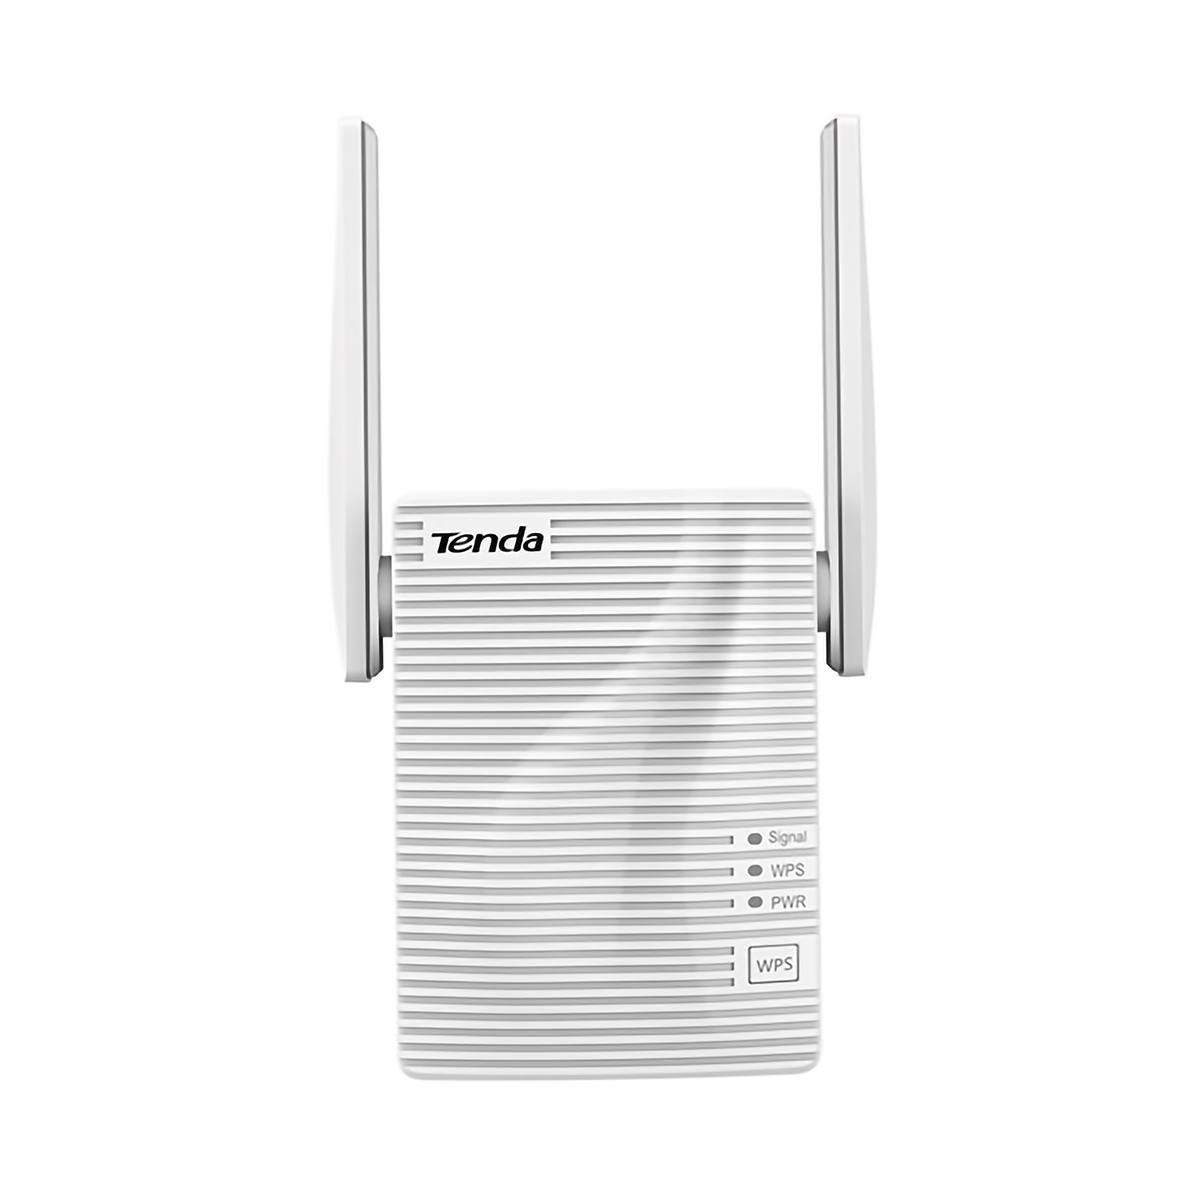 Repetidor de Sinal Wireless 1200Mbps 802.11AC Dual Band com 2 Antenas Externas e 1 Porta LAN Tenda Extensor A18